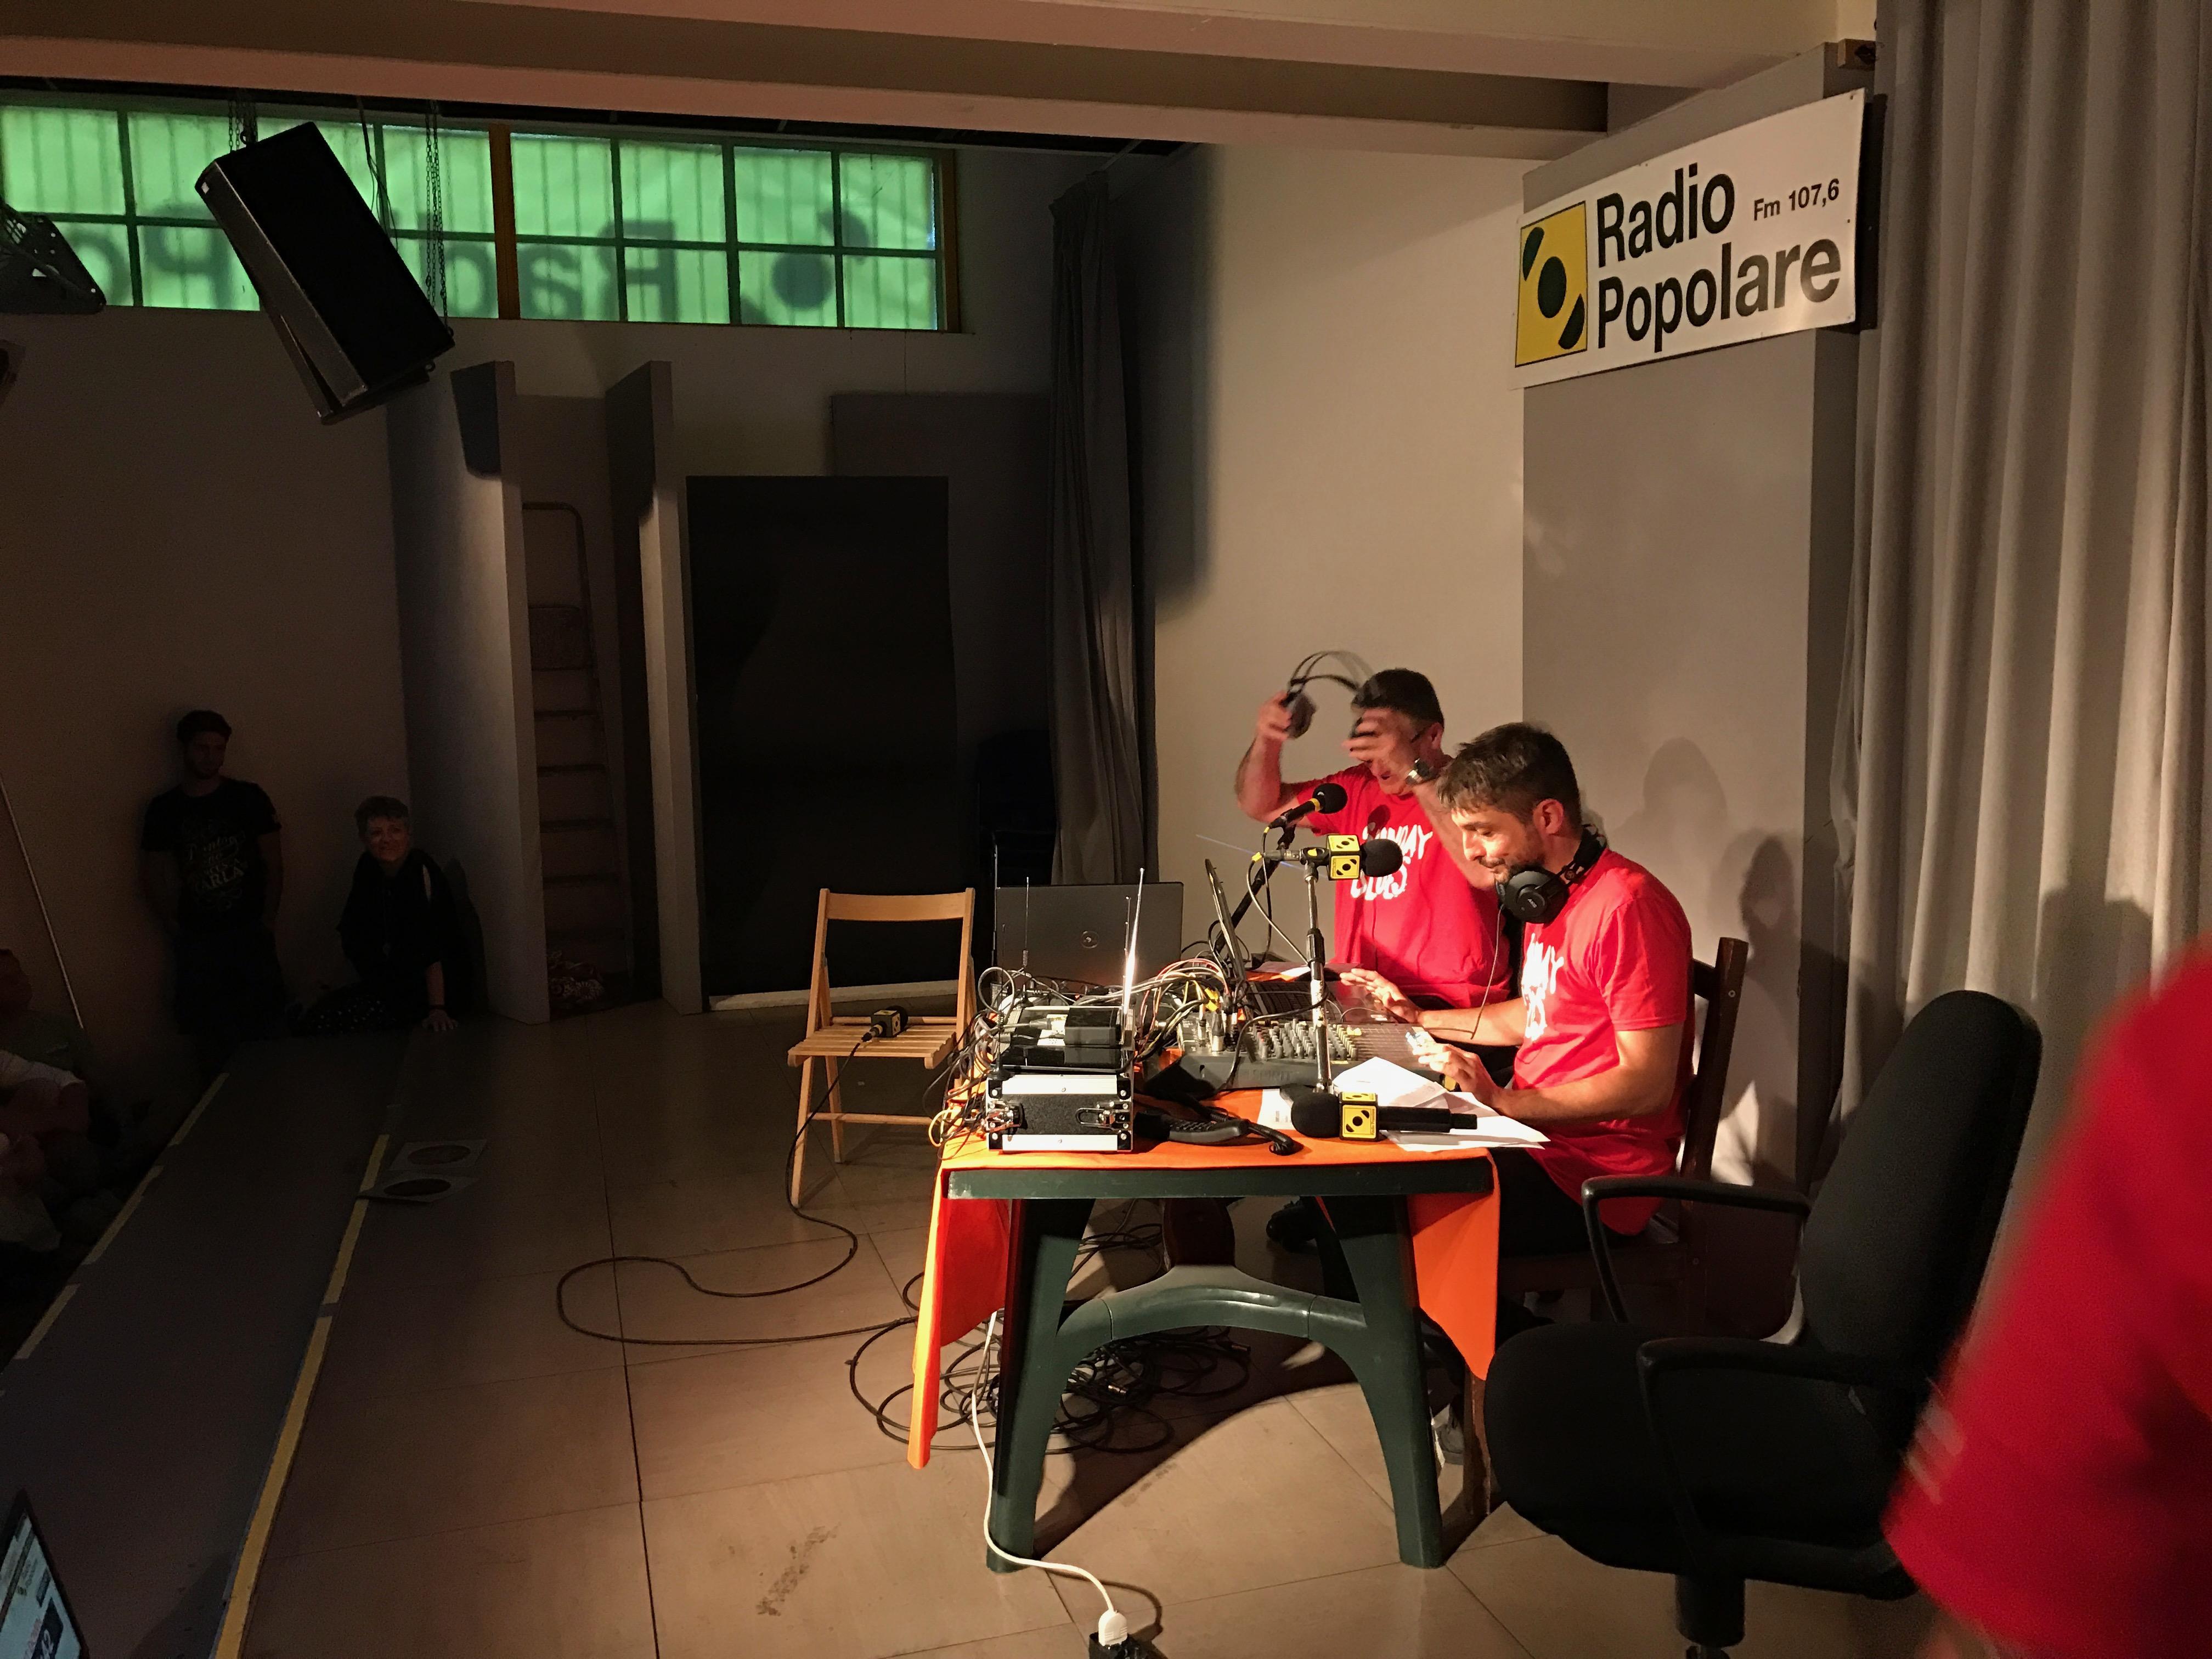 Sunday Blues Live. Luca Gattuso e Davide Facchini conducono l'imperdibile puntata con La Catucci e Francesca Carla dal vivo. Con tanto di maglietta. Il tutto corroborato dalla musica struggente e anfetaminica di Flavio Pirini.